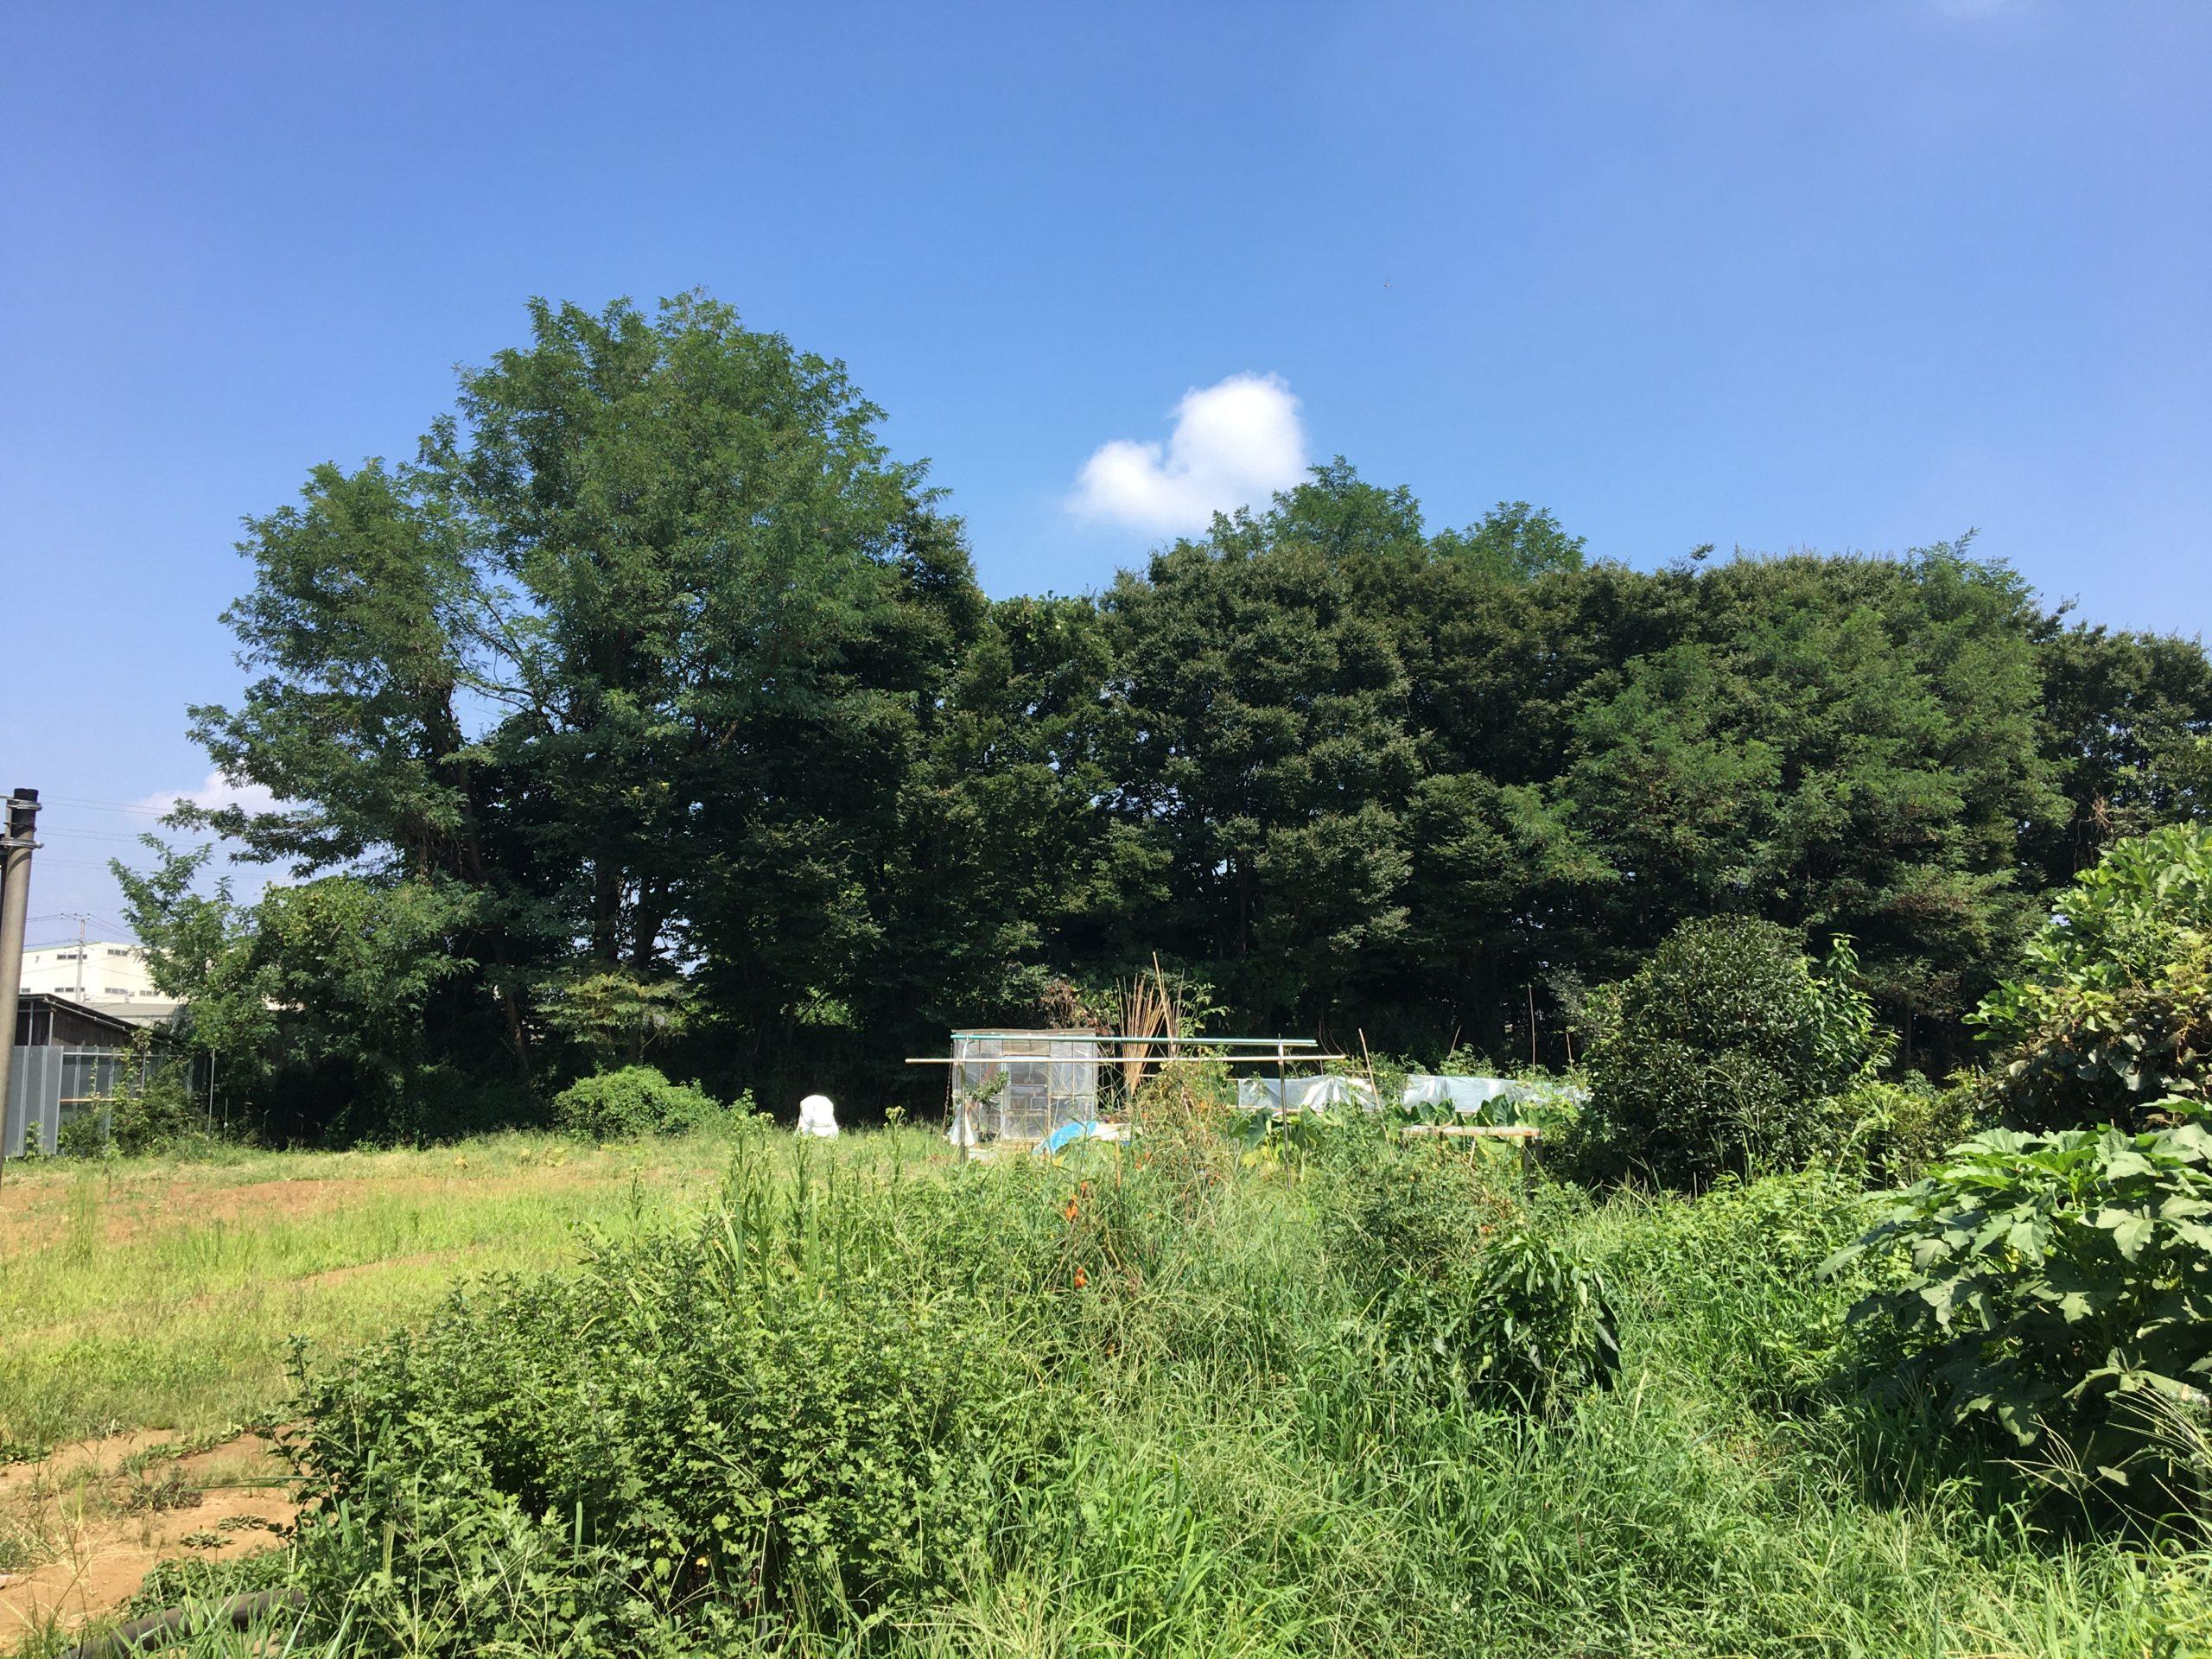 クールな華咲く東所沢 その2 たぶん、あのへんないきものも?所沢市松郷を歩く